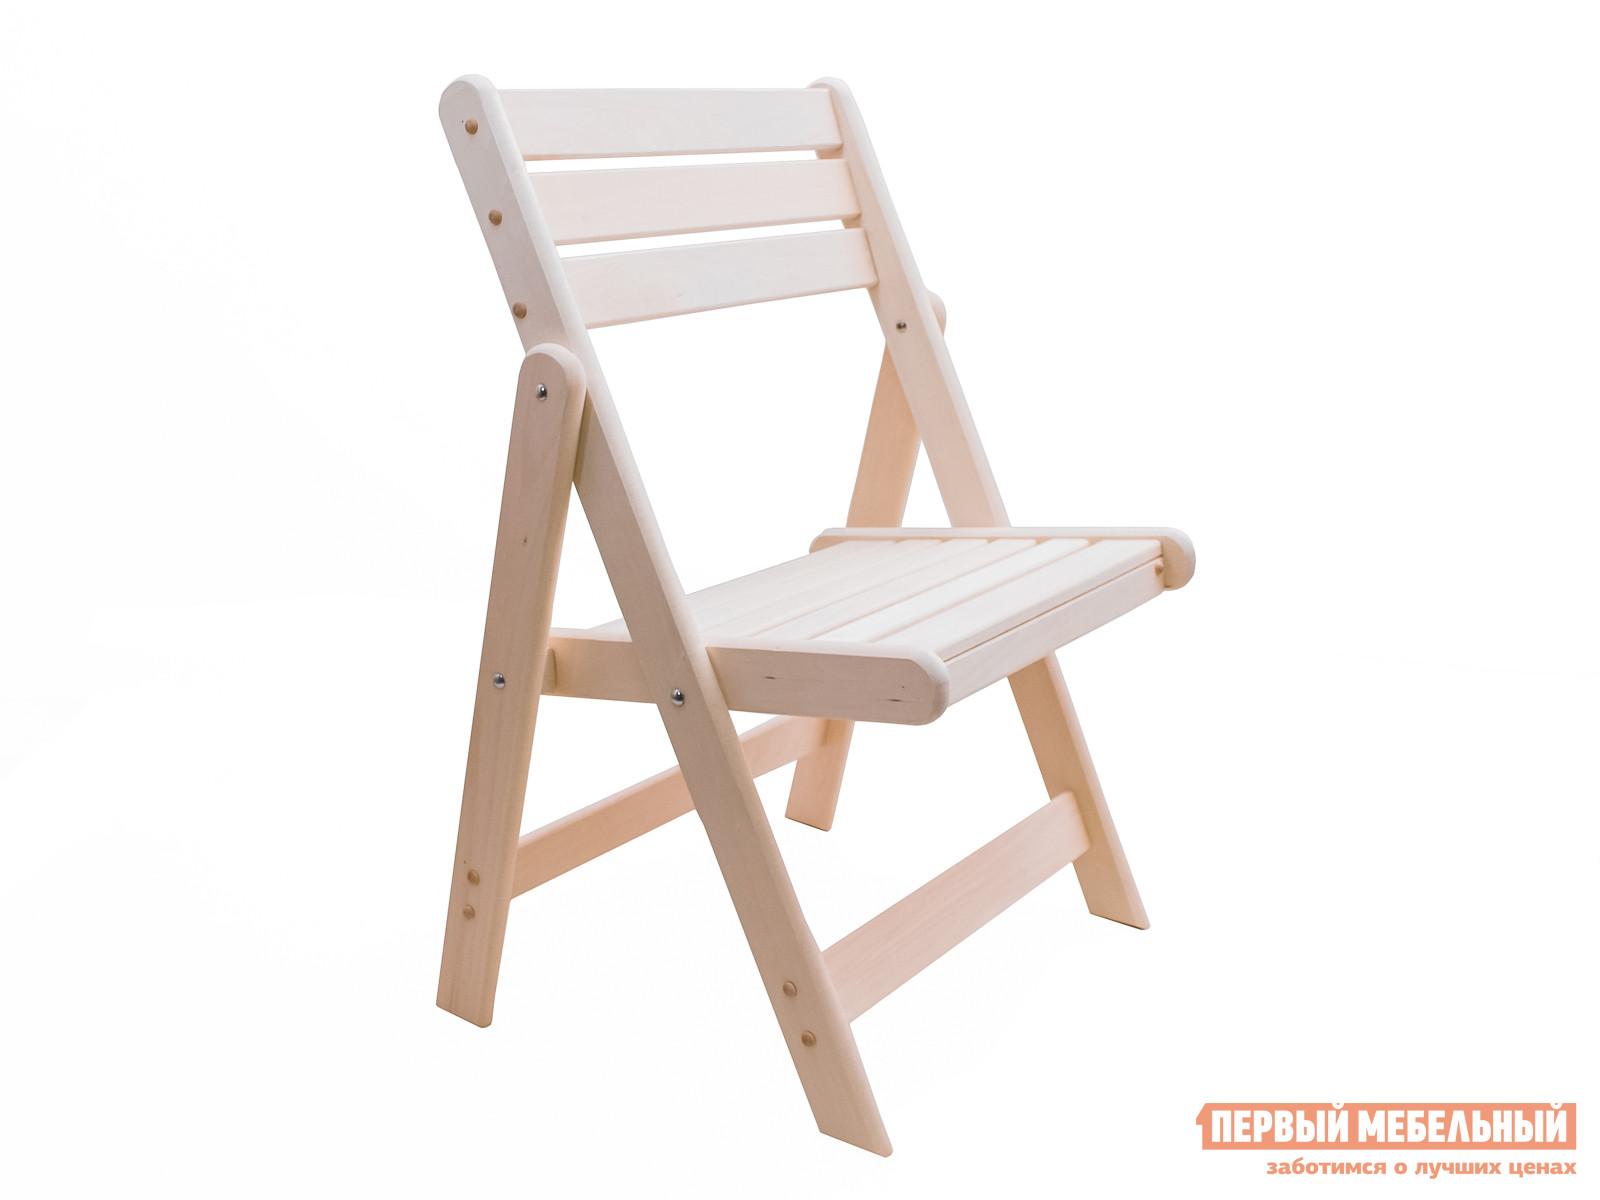 Садовое кресло ММ Сальмо ЛипаСадовые стулья и кресла<br>Габаритные размеры ВхШхГ 940x650x540 мм. Деревянный складной стул — идеальное дополнение для вашего дачного домика или предбанника.  Выполненный из натурального дерева стул органично впишется в деревенский интерьер или в обстановку в стиле кантри.  Все поверхности изделия тщательным образом обработаны и отшлифованы.  Высокая реечная спинка и широкое сиденье обеспечат комфортный отдых на таком стуле. Модель складывается до размеров 1050 х 700 х 260 мм и ее удобно хранить в кладовке или за дверью. Стул изготавливается из массива липы, которая при производстве не обрабатывается химическими средствами.  Это исключает выделение вредных веществ при температурных перепадах (например, если стул будет стоять в парилке или в предбаннике).  Для использования стула на улице рекомендуется обработать его влагостойким составом, который защитит мебельное изделие от влияния атмосферной влажности и надолго продлит срок его службы.<br><br>Цвет: Светлое дерево<br>Высота мм: 940<br>Ширина мм: 650<br>Глубина мм: 540<br>Кол-во упаковок: 1<br>Форма поставки: В разобранном виде<br>Срок гарантии: 3 месяца<br>Тип: Складные<br>Тип: Трансформер<br>Материал: Массив дерева<br>Порода дерева: Липа<br>С жестким сиденьем: Да<br>Без подлокотников: Да